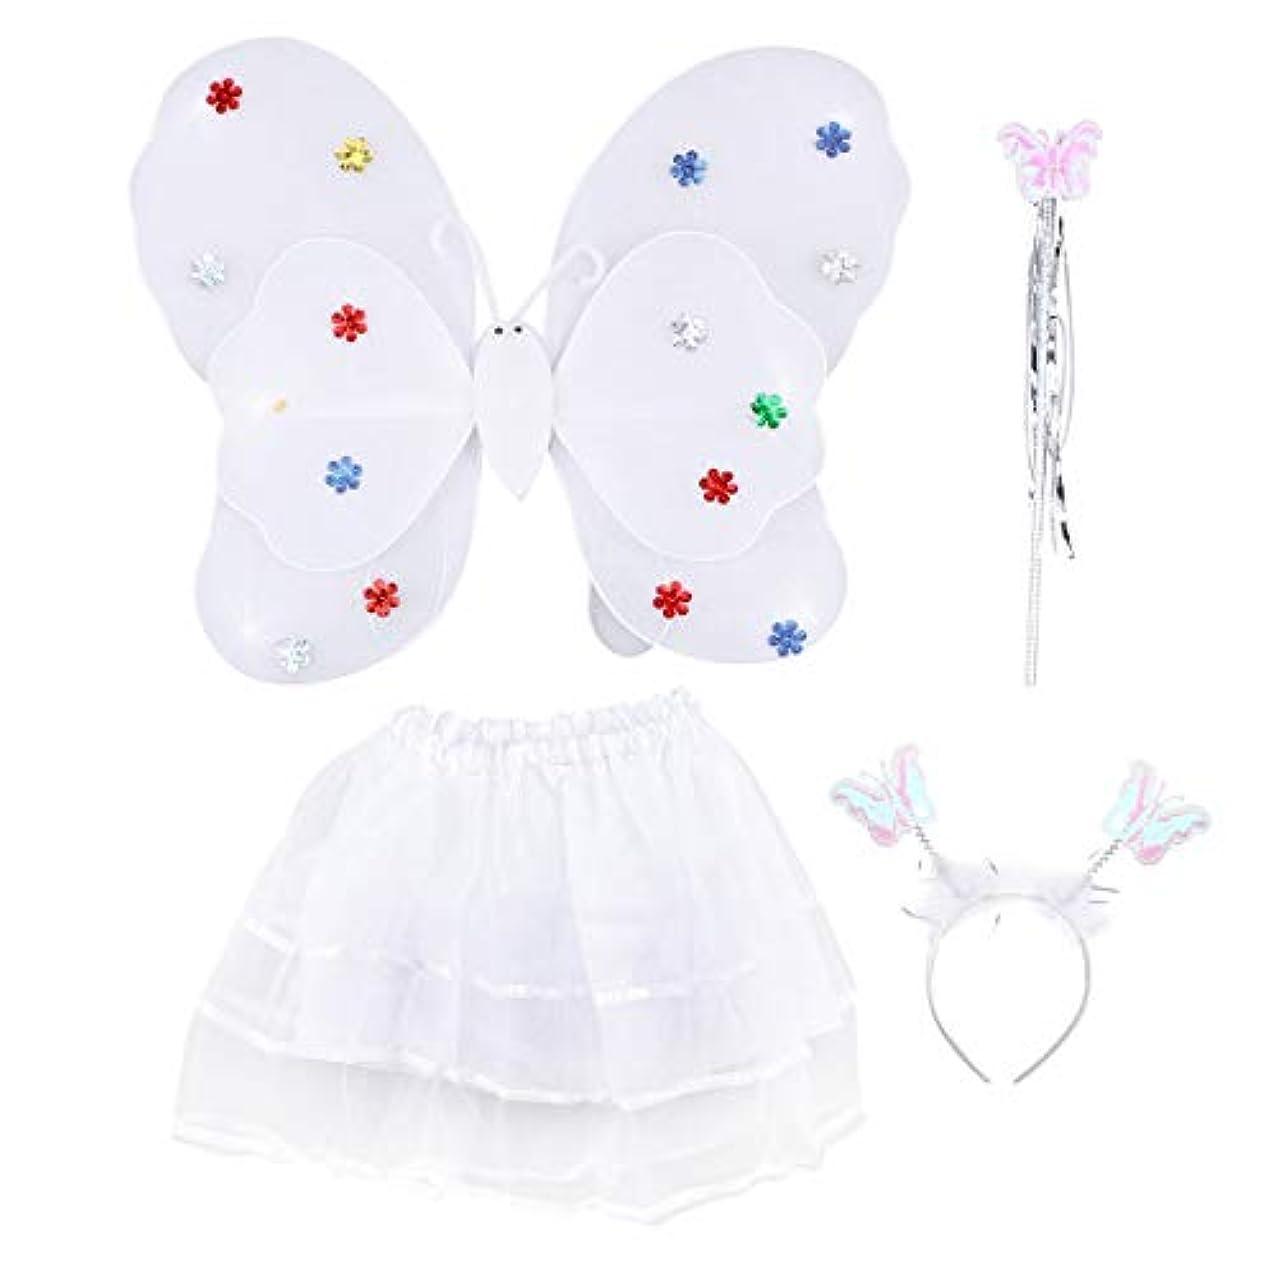 ずんぐりした担当者遅れAmosfun 4ピース女の子の妖精の王女の衣装セットLEDライトアップバタフライウィングワンドヘッドバンドチュチュスカート女の子のための子供子供(白)